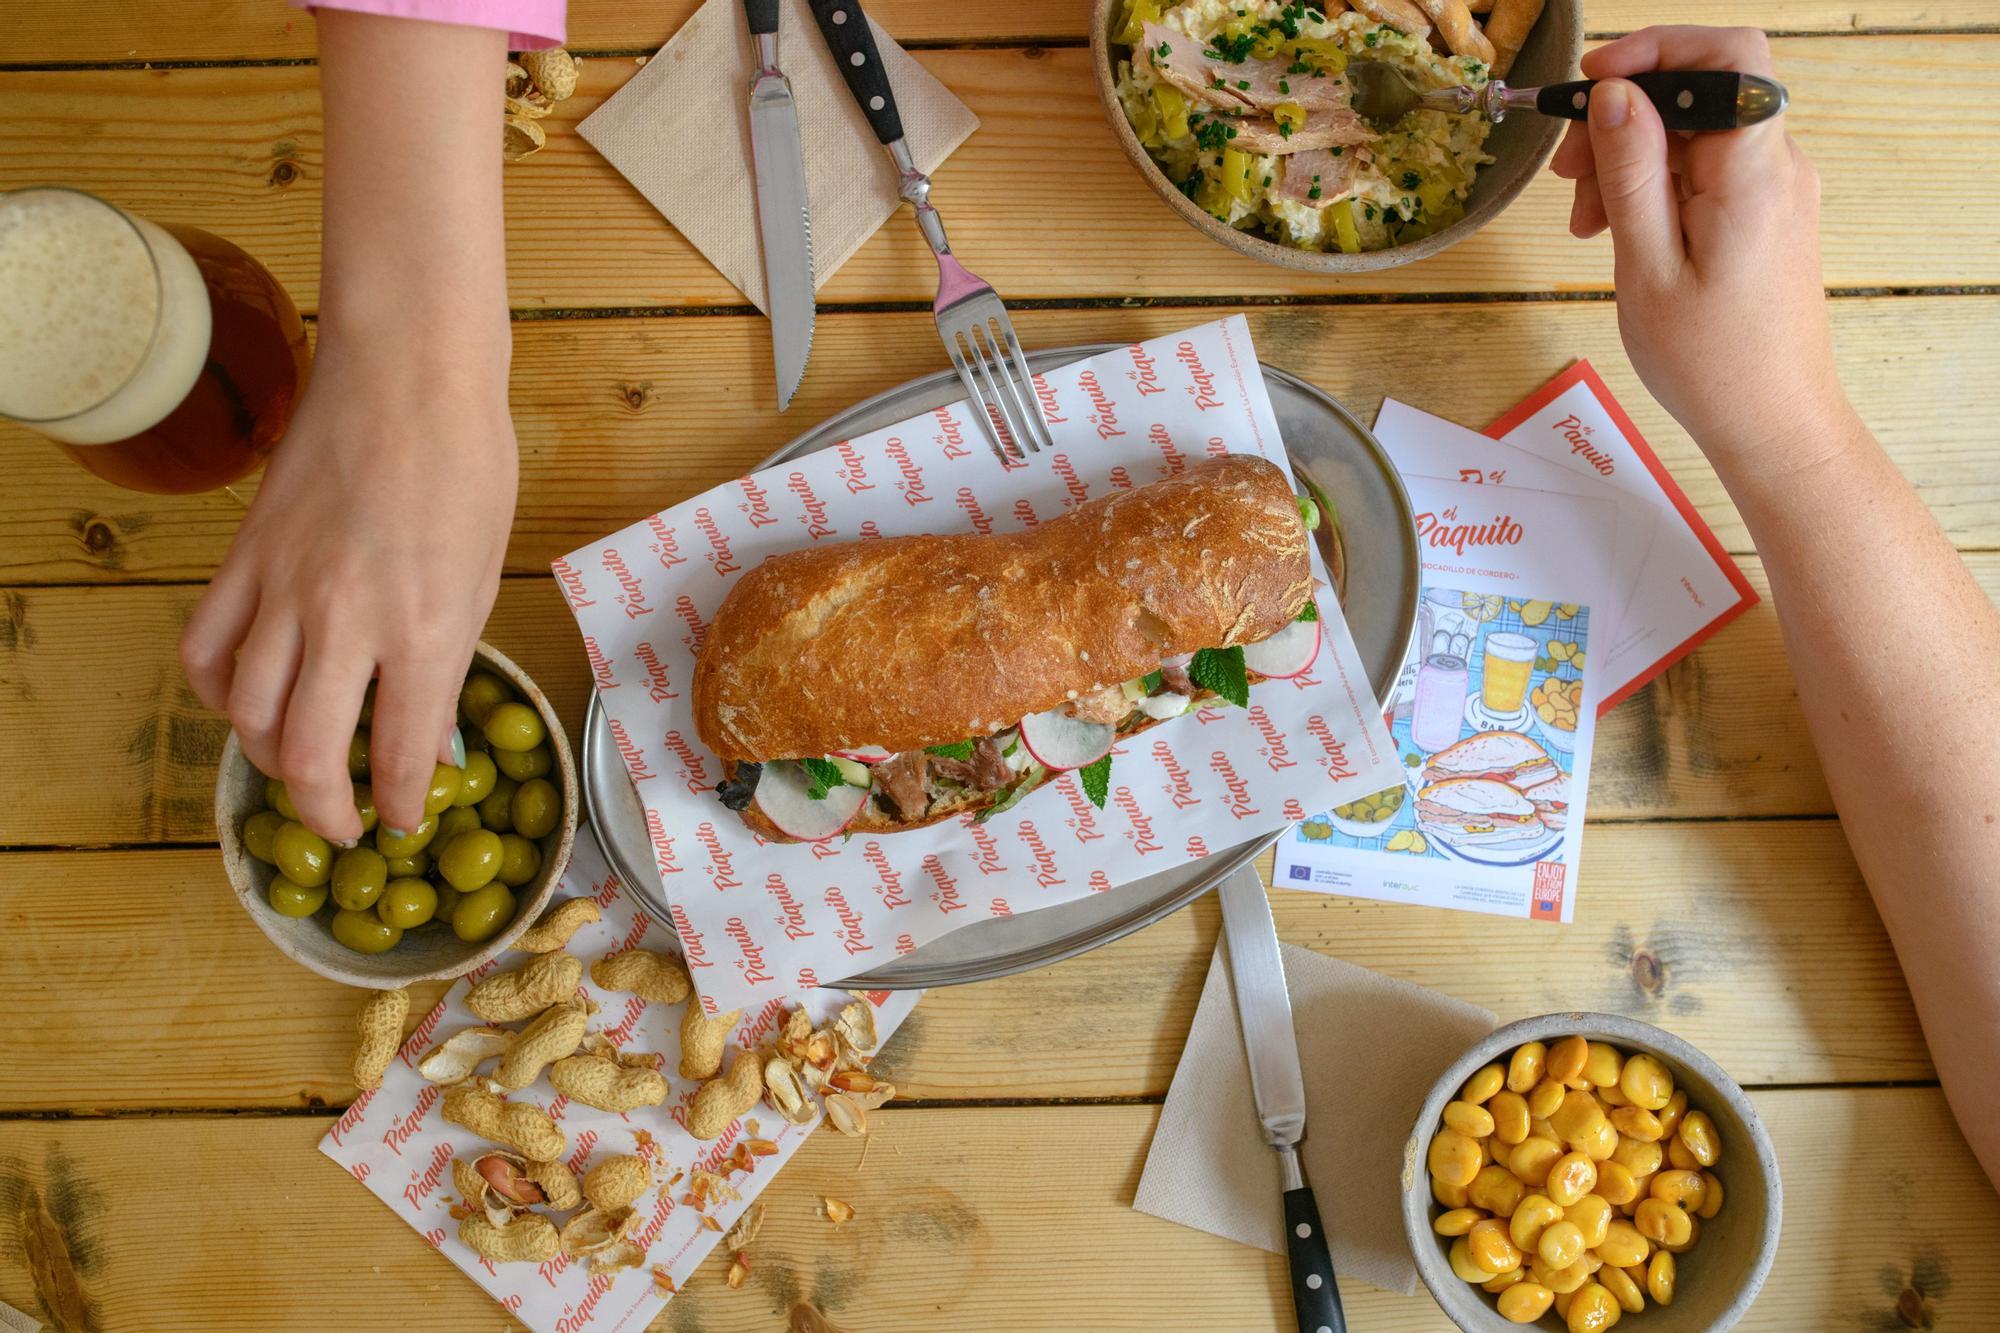 Ruta almuerzo Valencia: 20 bares ofrecen su versión de 'El Paquito'